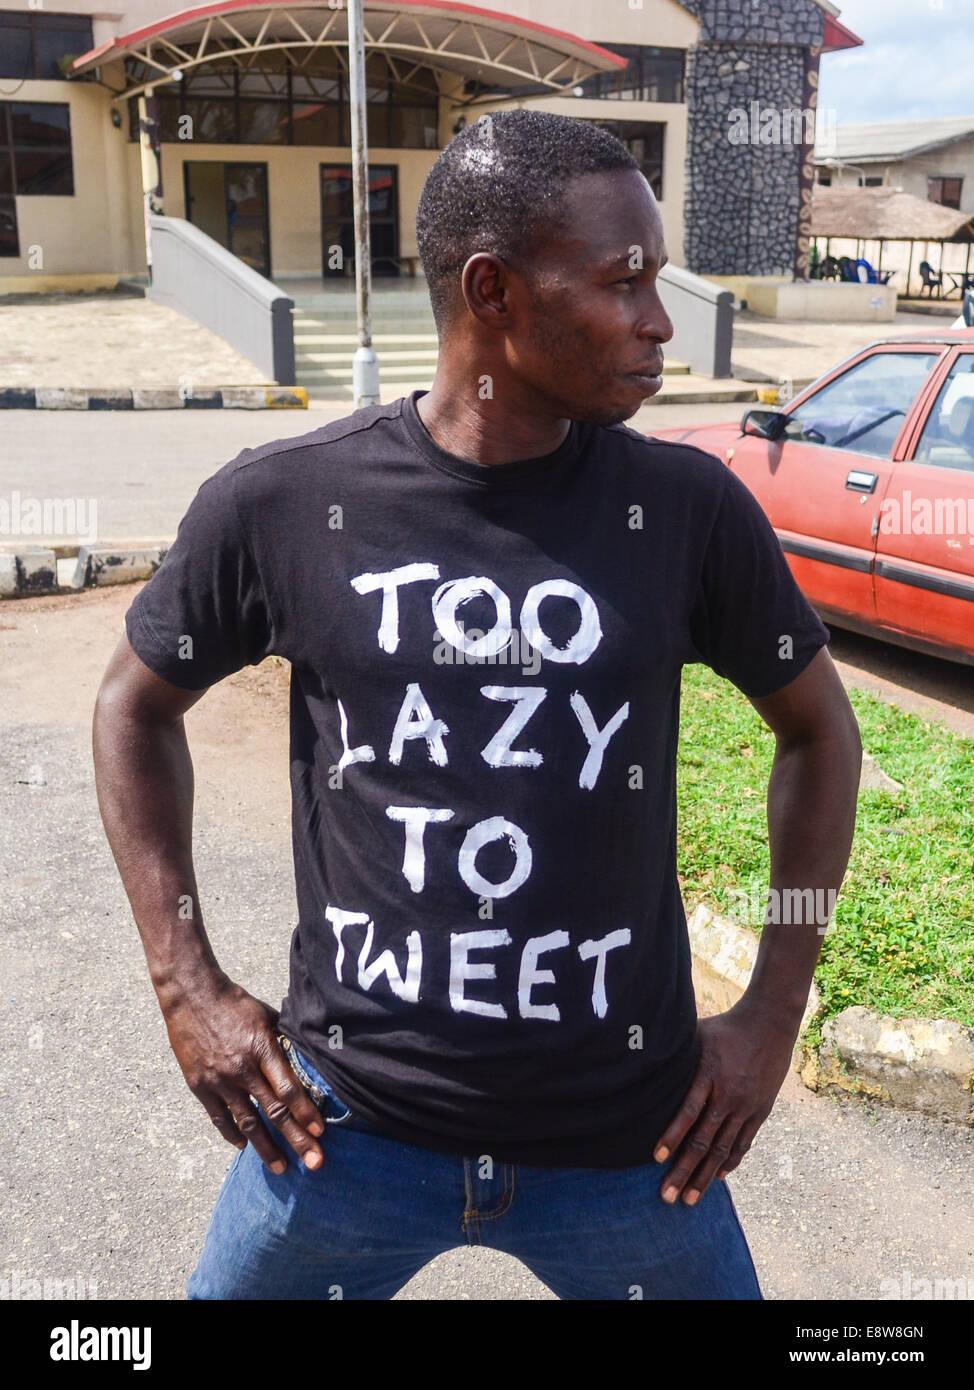 Un homme portant un tee-shirt trop paresseux pour lire 'tweet' à Abeokuta, Etat d'Ogun, Nigéria Photo Stock